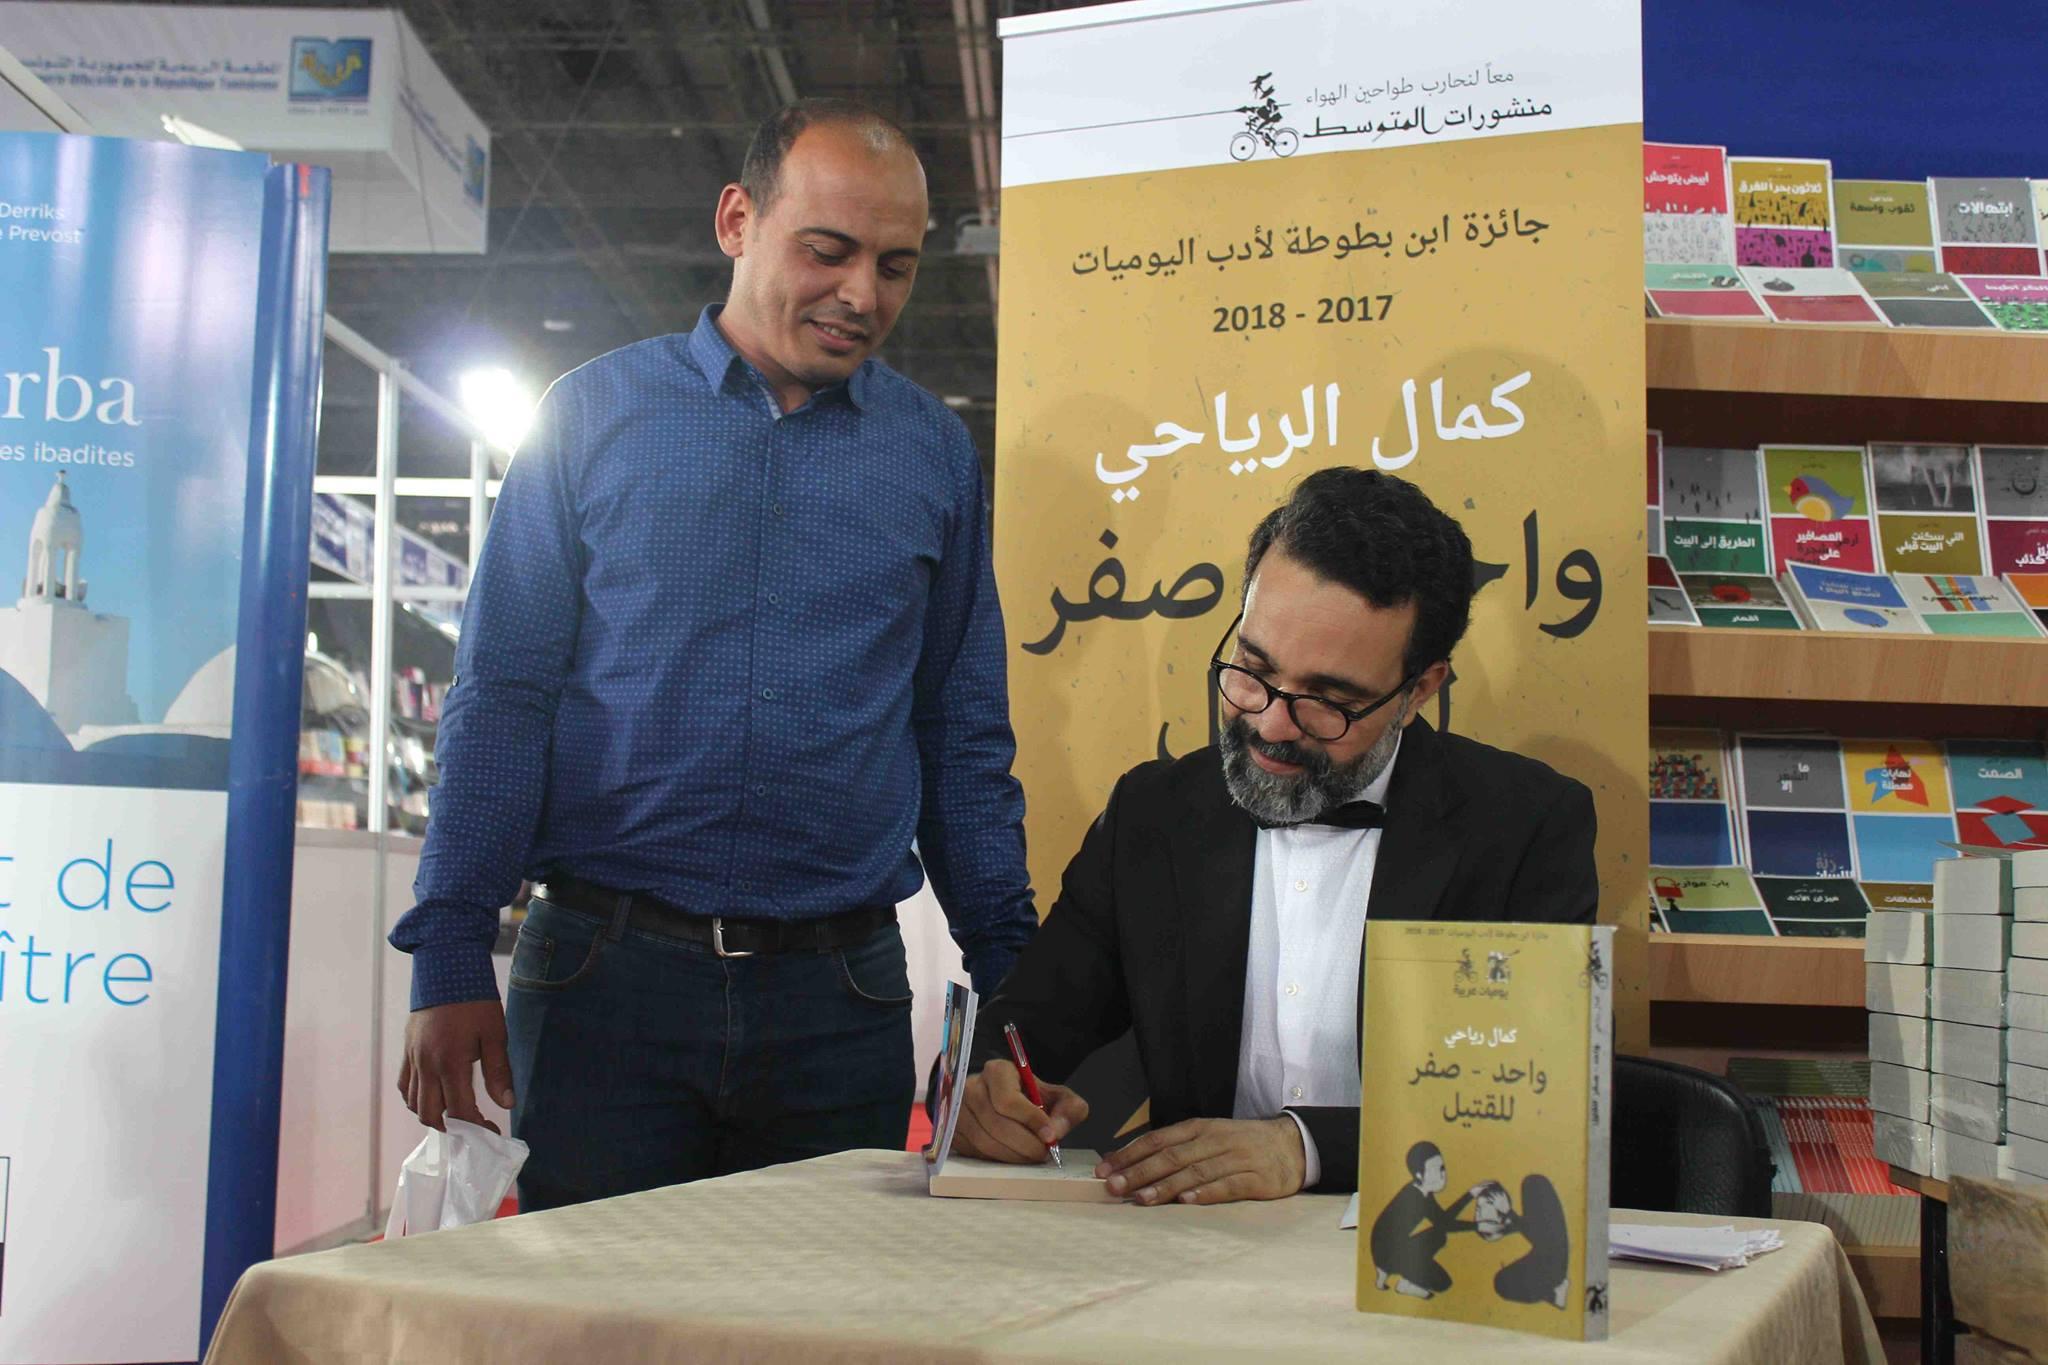 كمال الرياحى يوقع كتابه واحد صفر للقتيل الفائز بجائزة ابن بطوطة فى معرض تونس (30)